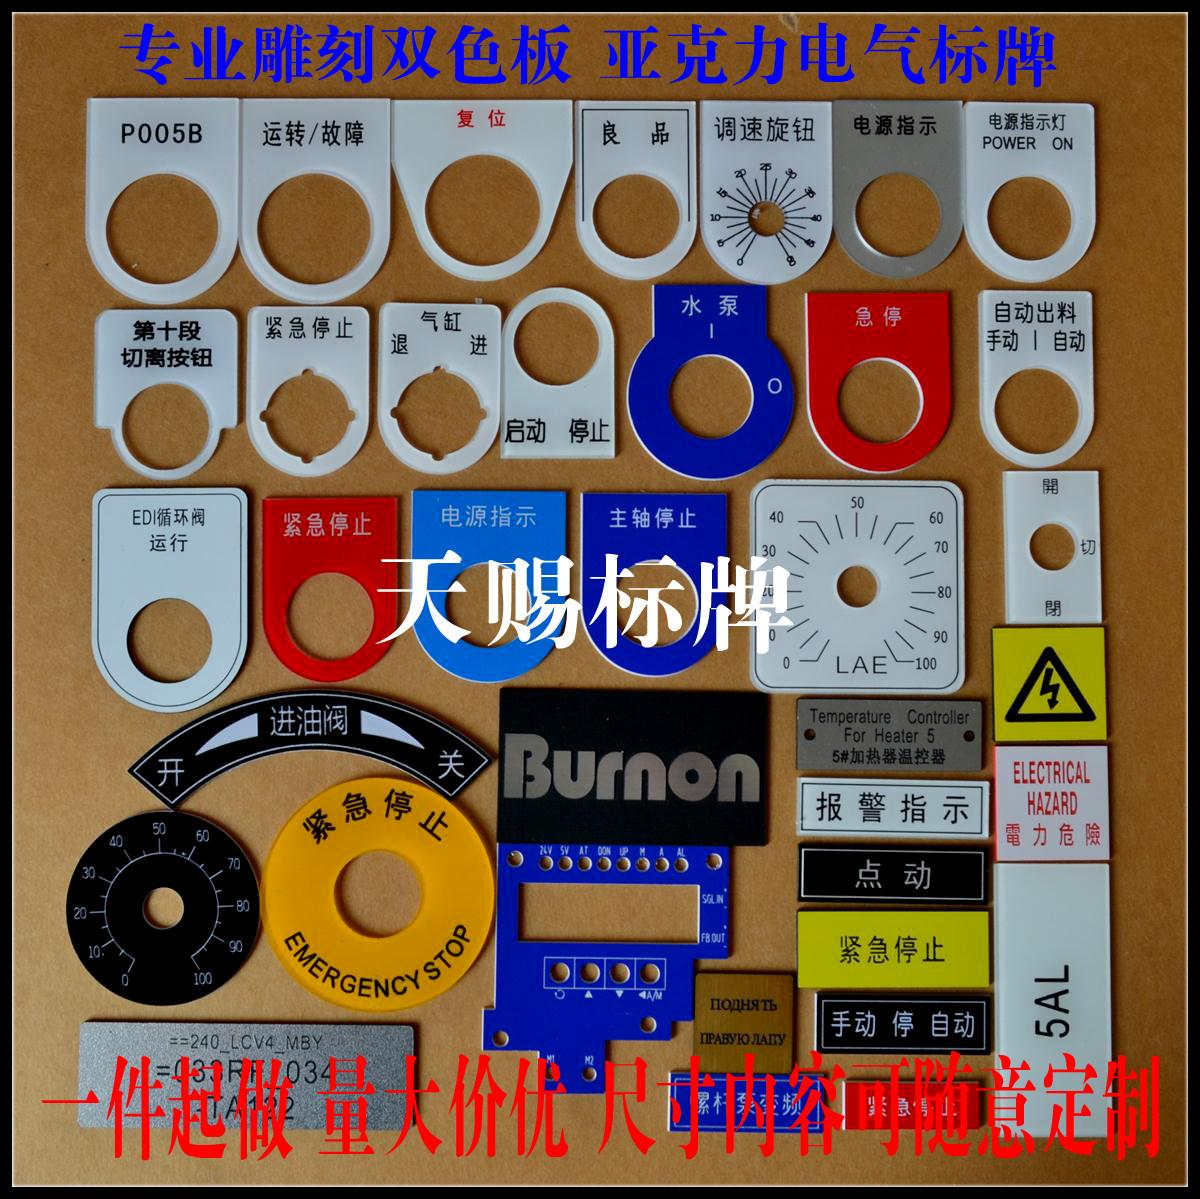 ダブルカラープレートアクリル銘板電気配電盤制御箱ボタンスイッチランプ22プラスチックラベルを注文してください。